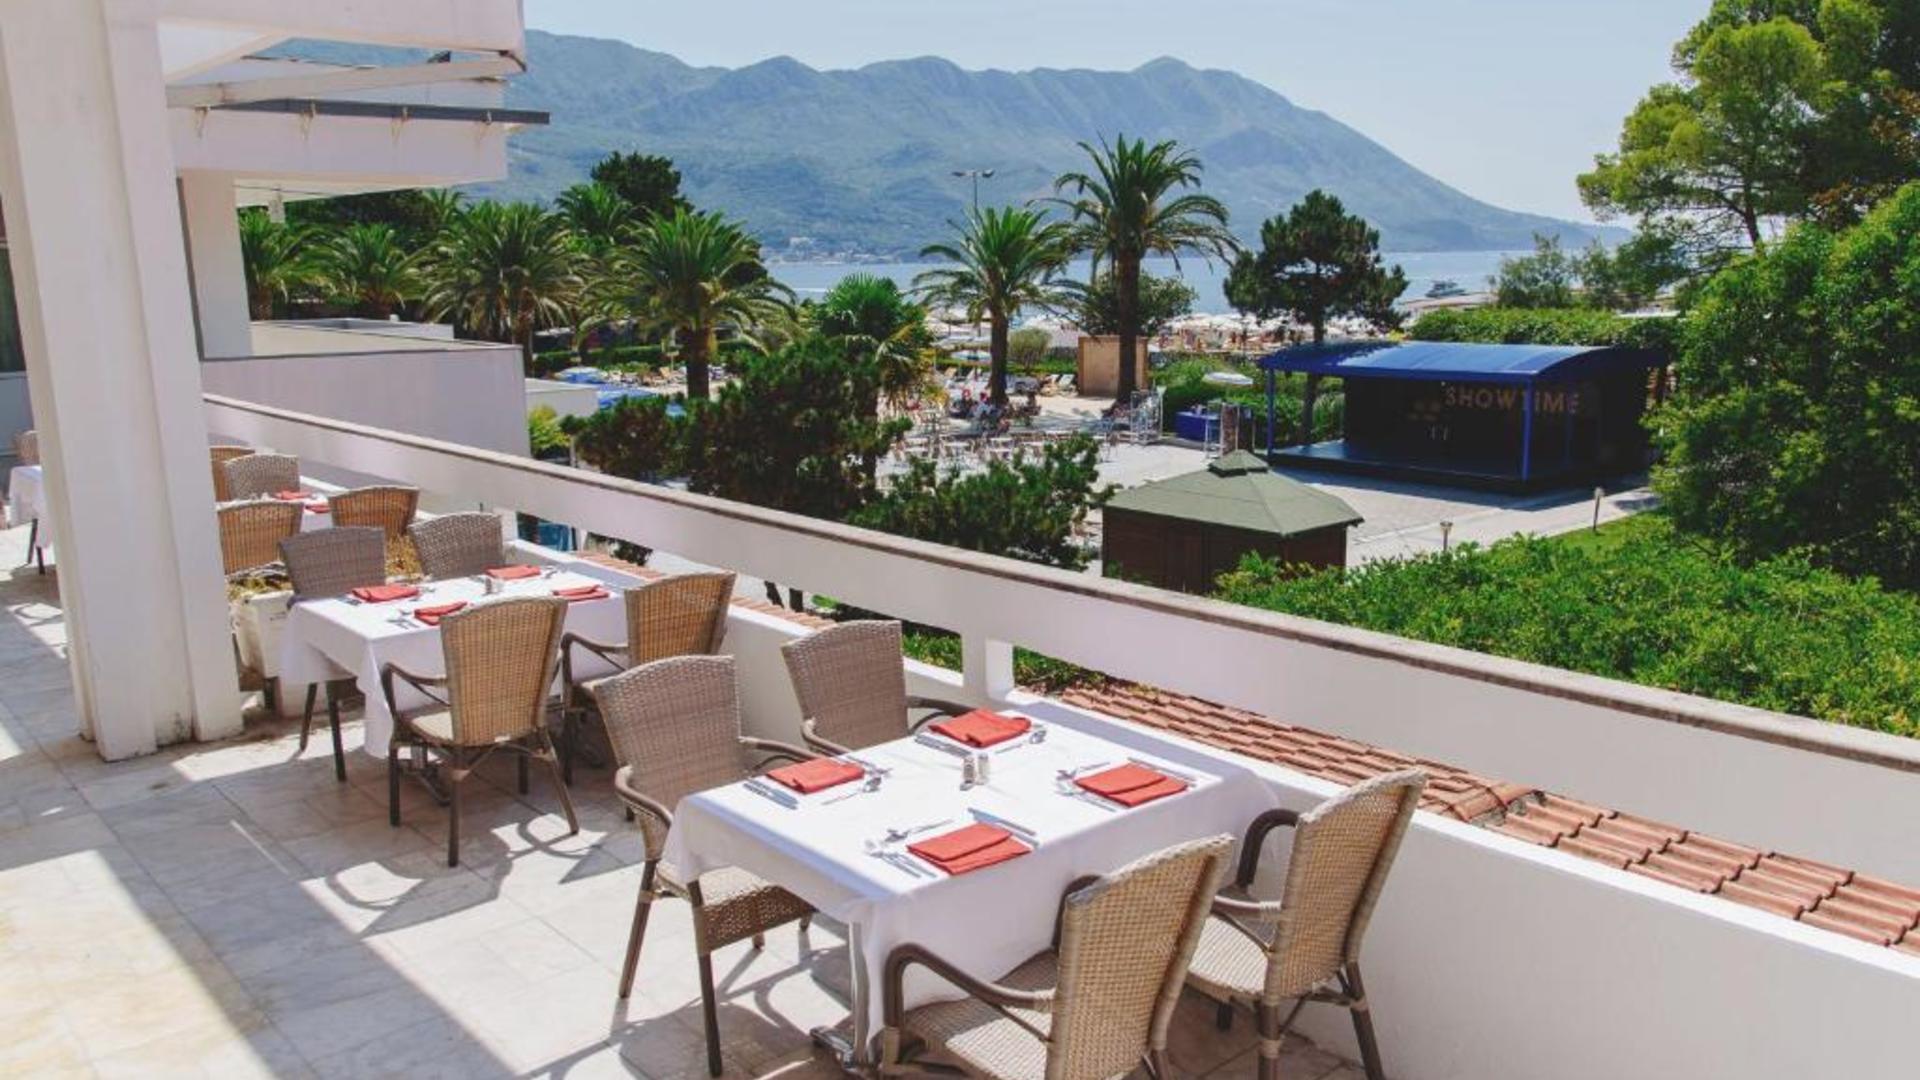 праздником черногория отель монтенегро фото отзывы она всё